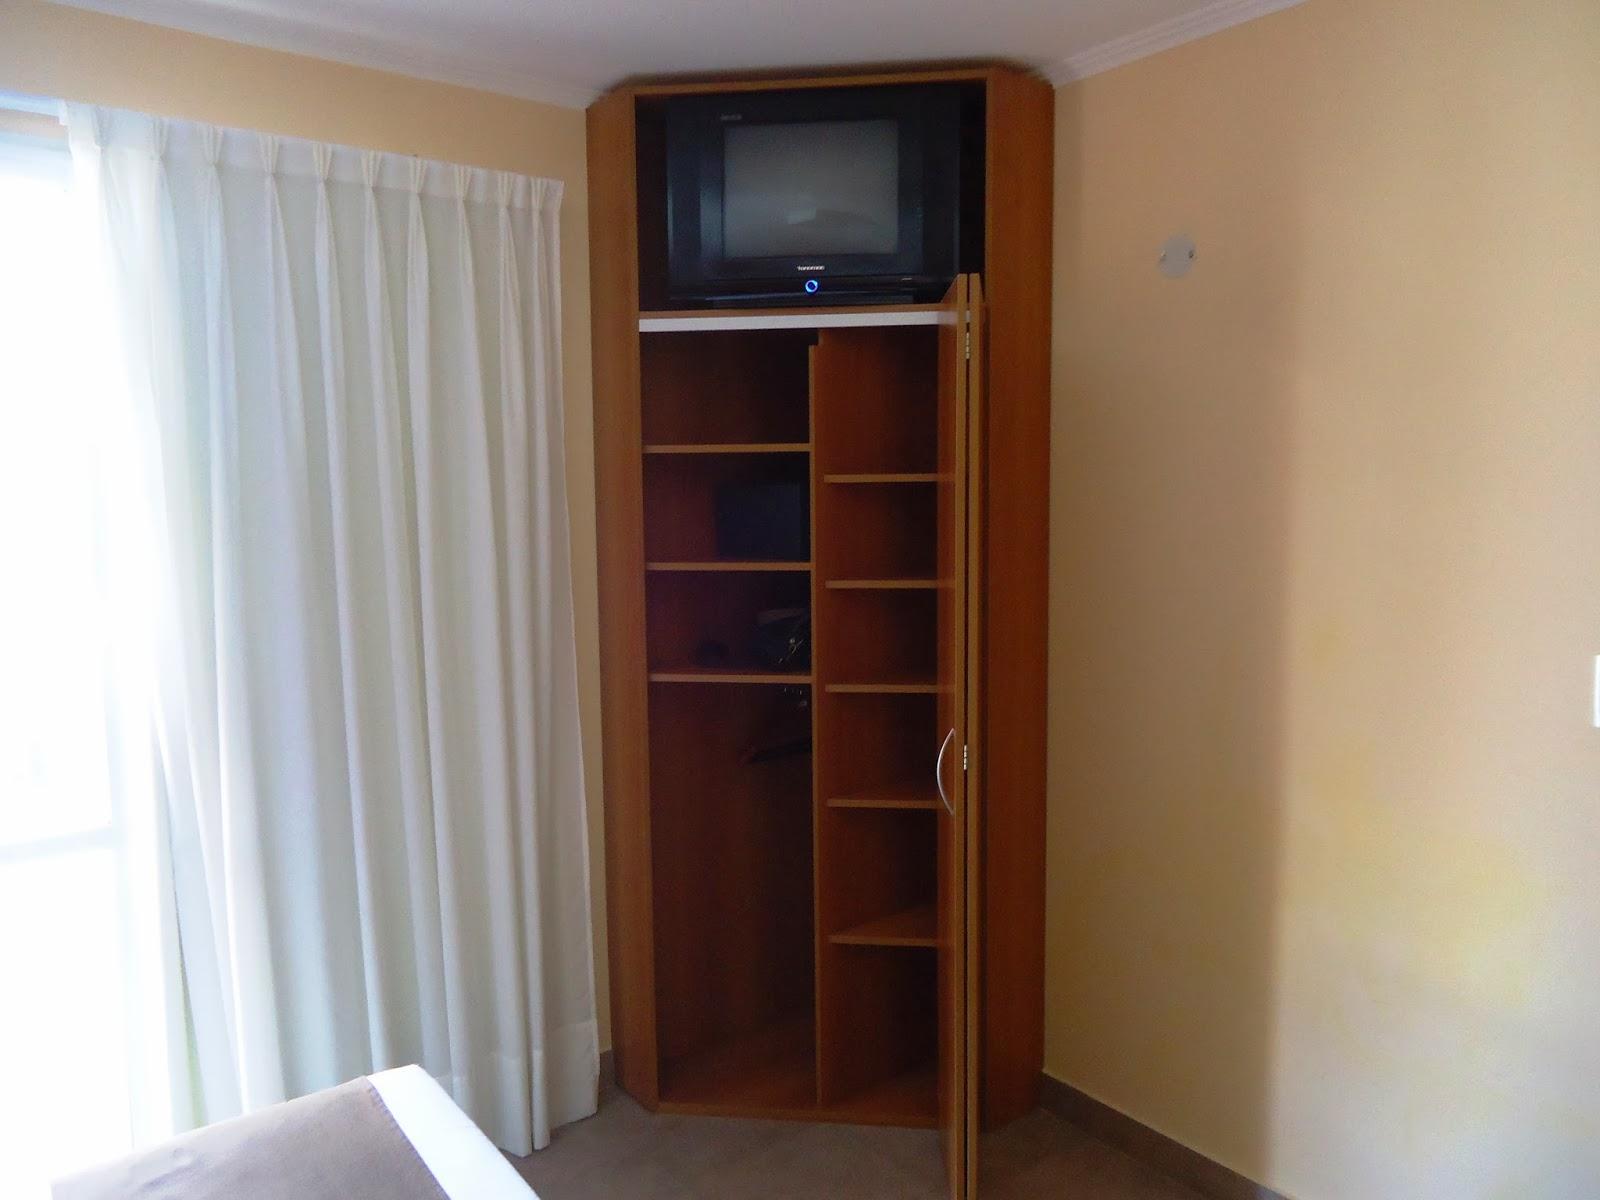 el detalle muebles dise ados a medida esquinero y mueble